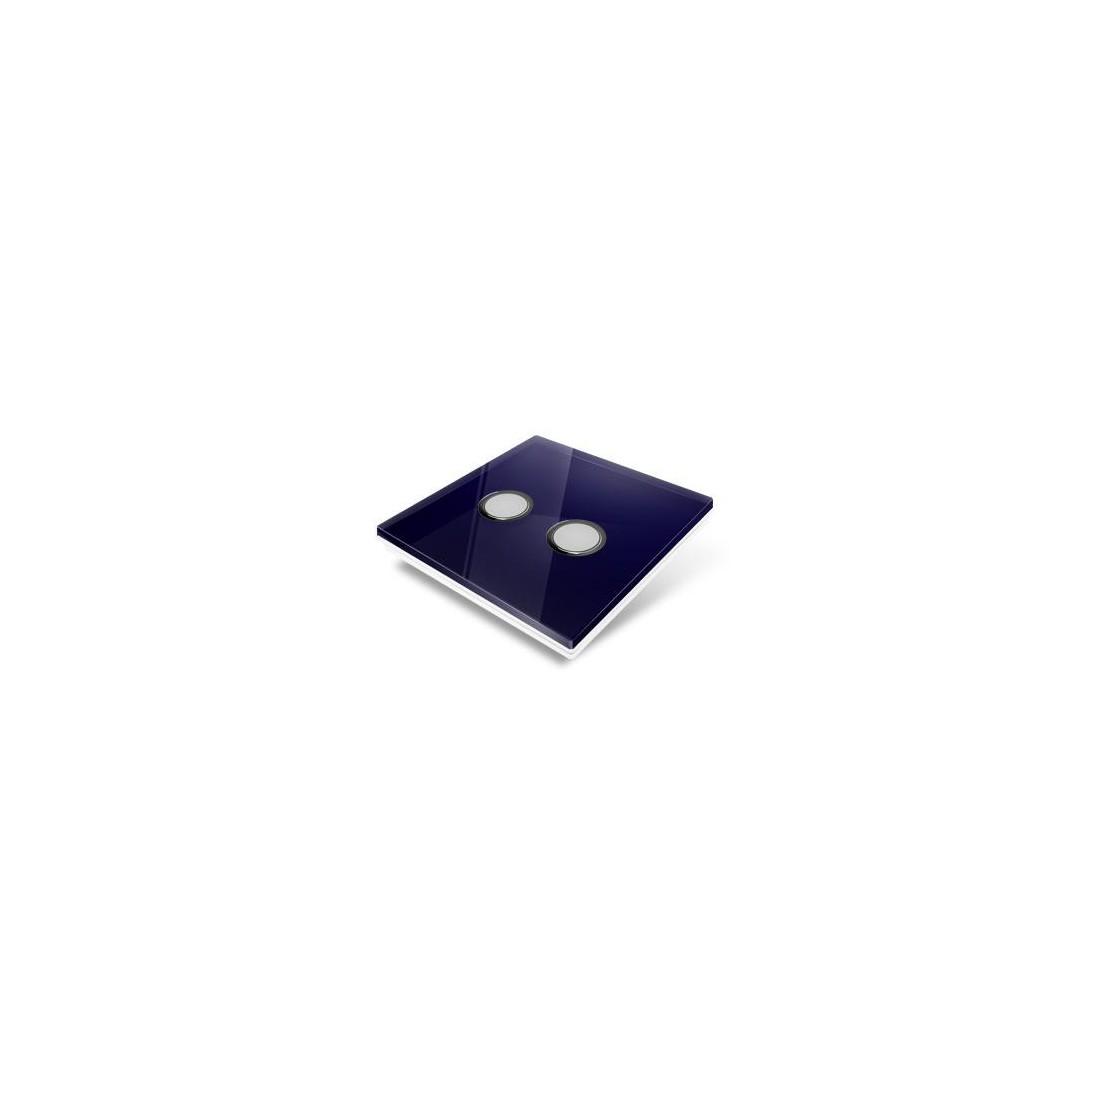 Plaque de recouvrement pour interrupteur Edisio - crystal Bleu Nuit